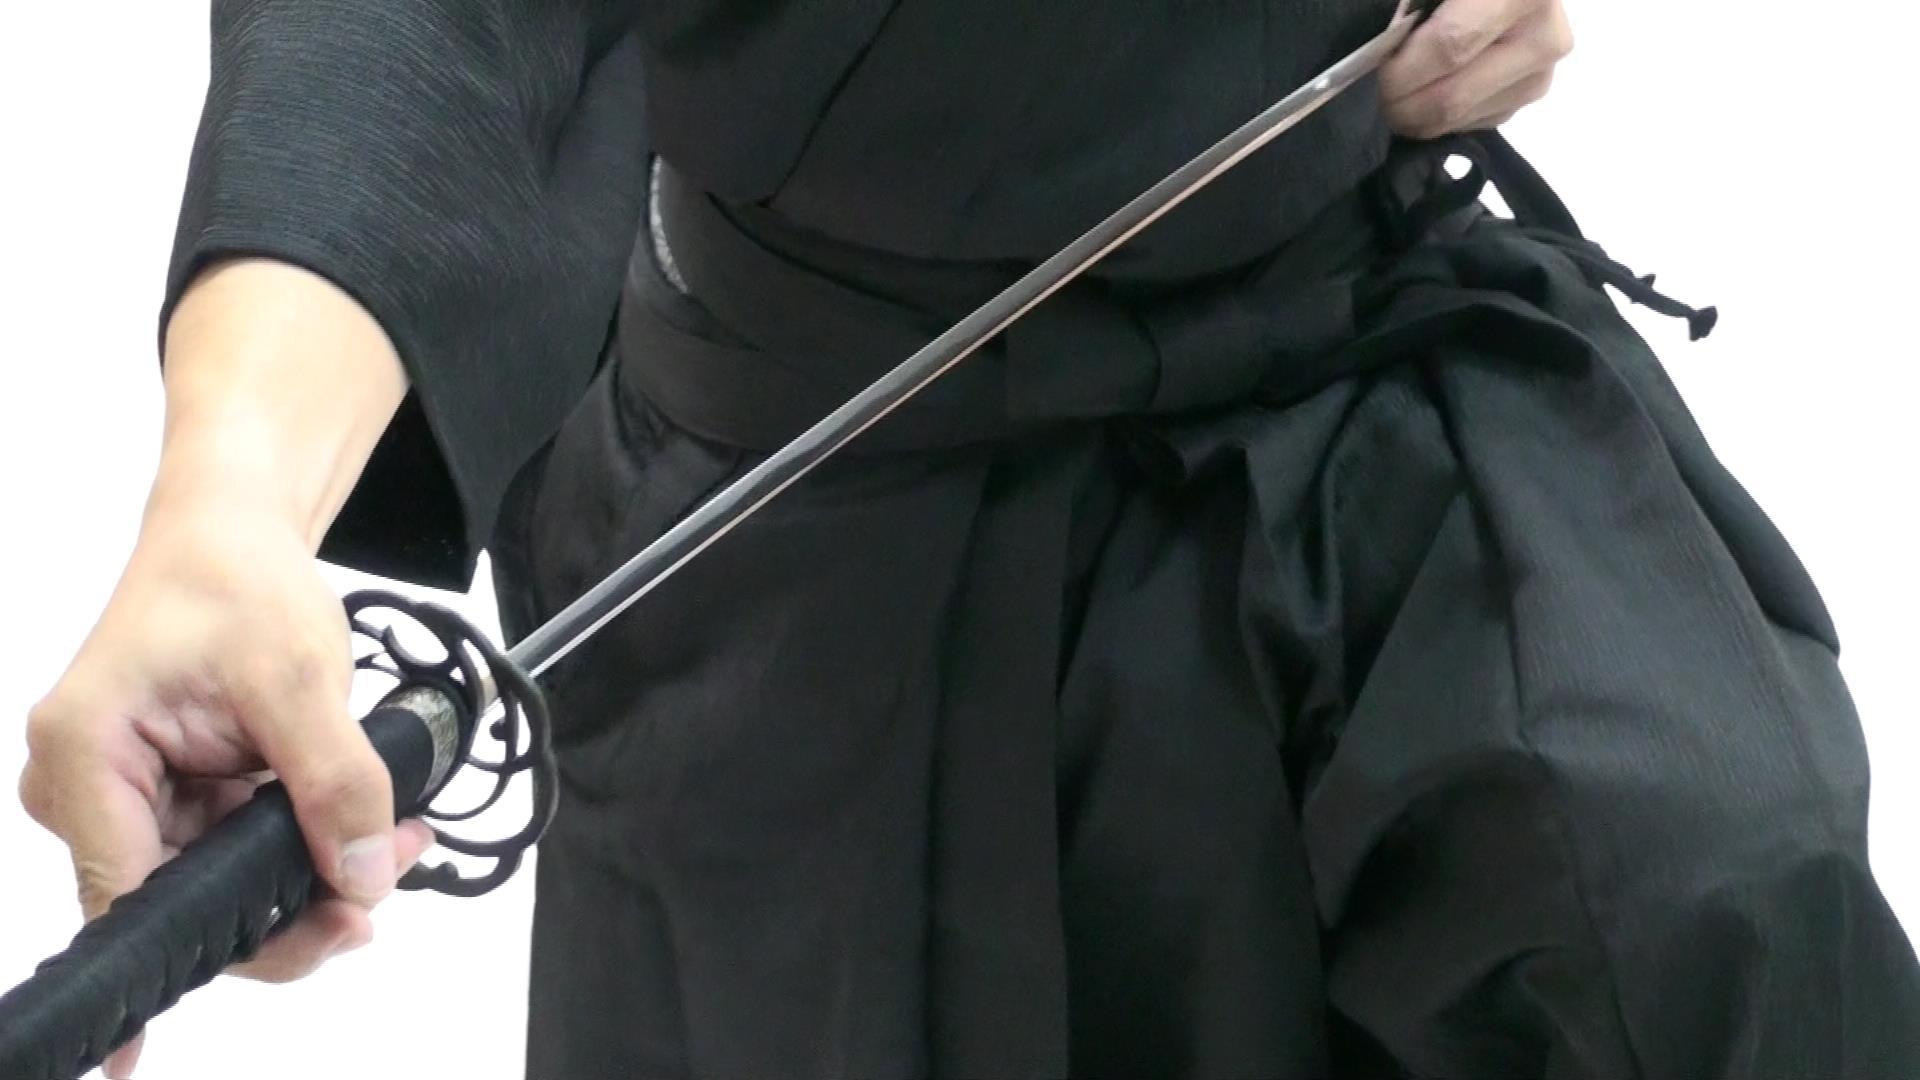 Sheathing Iaito sword.